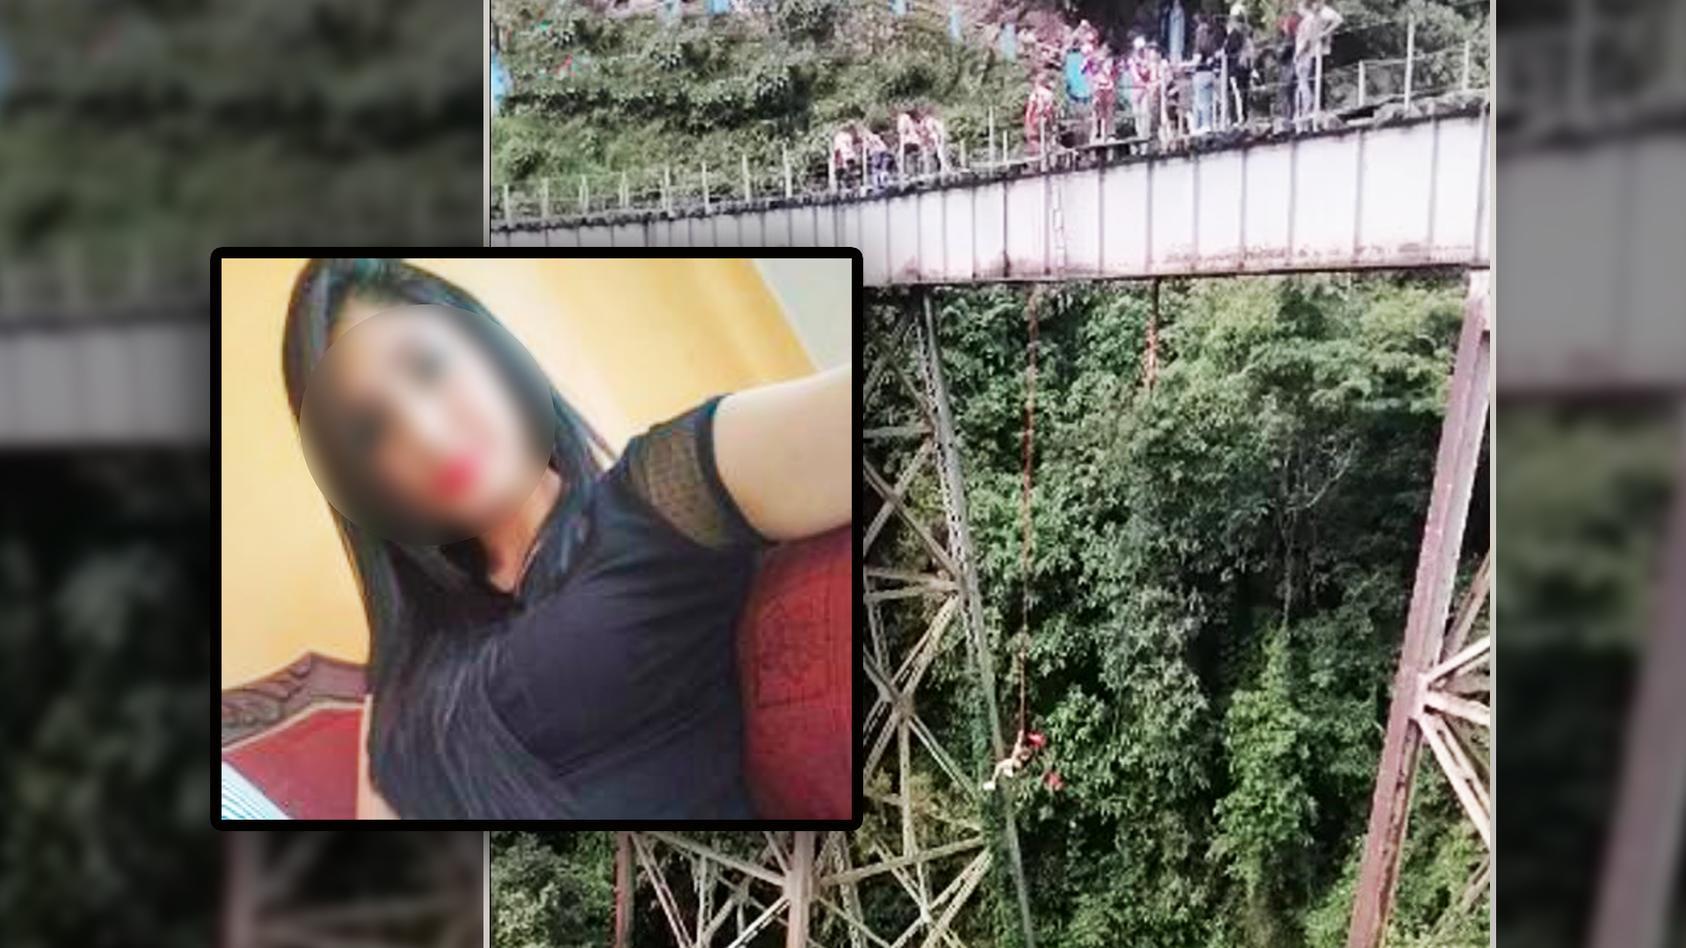 Yecenia Morales Gómez (25) starb bei einem Bungee-Sprung, weil sie noch nicht am Sicherheitsseil befestigt war.